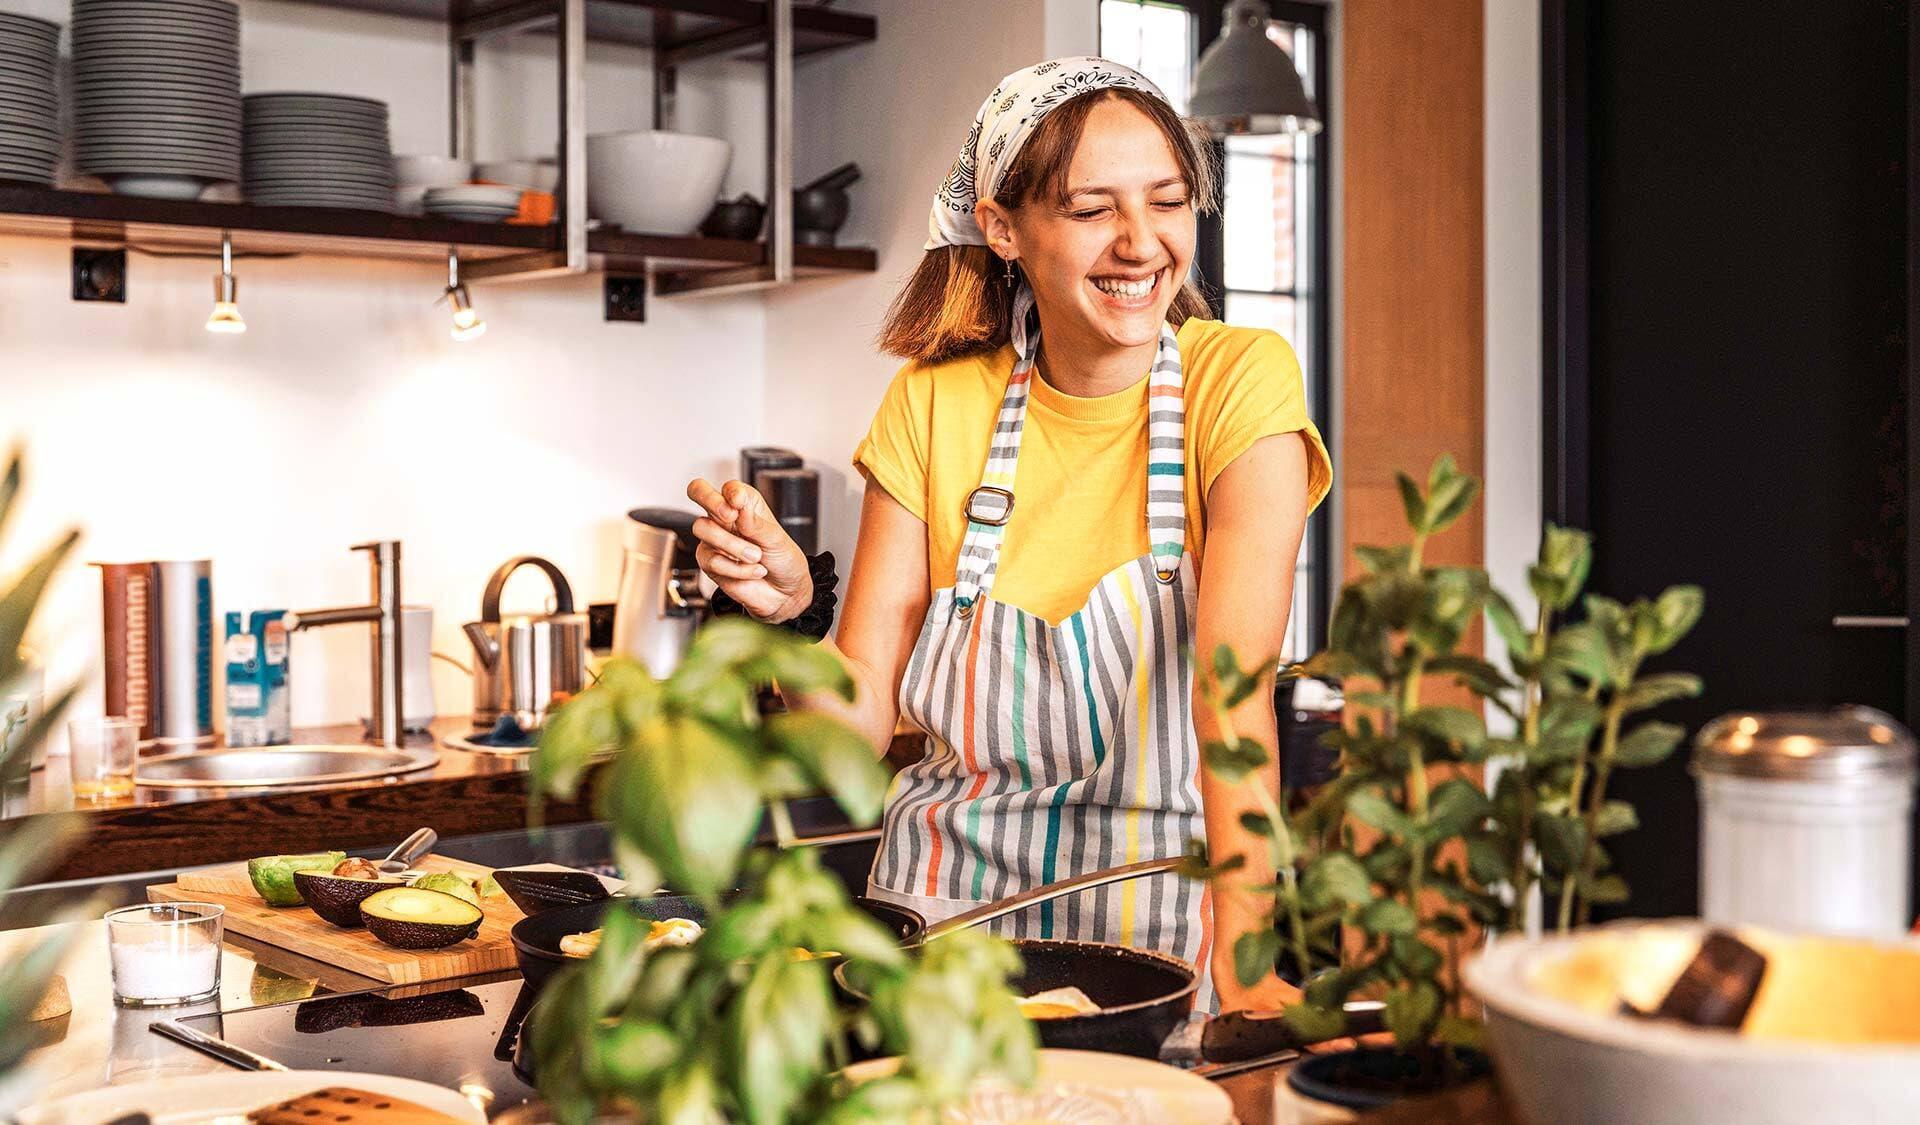 Eine Frau steht lachend in der Küche